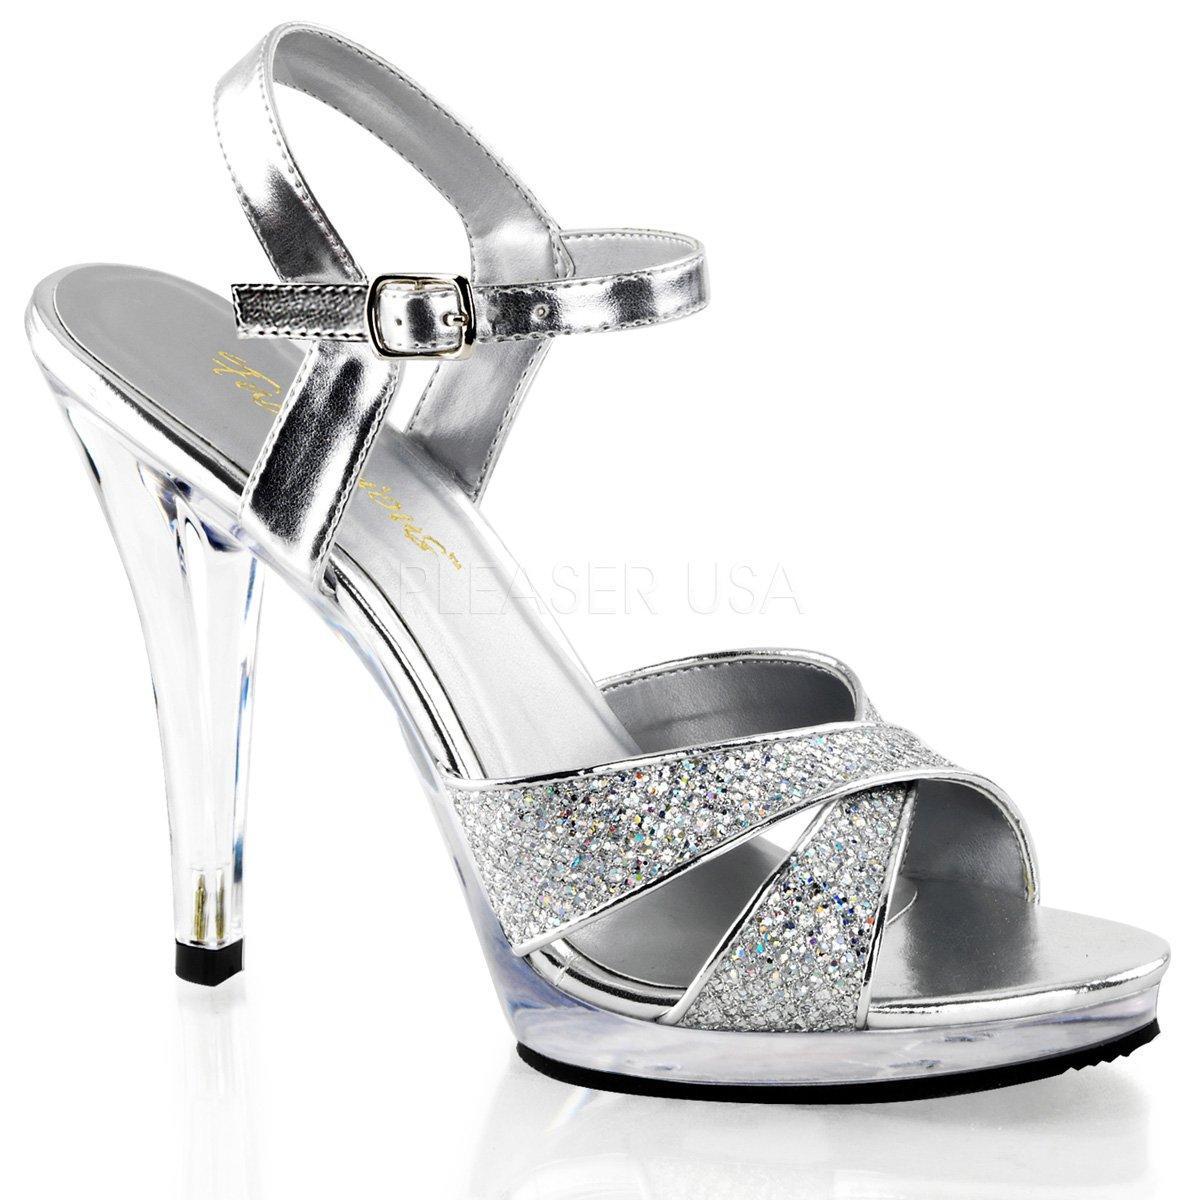 cfba3f083e FLAIR-419(G) Luxusní stříbrné společenské sandálky na vysokém podpatku